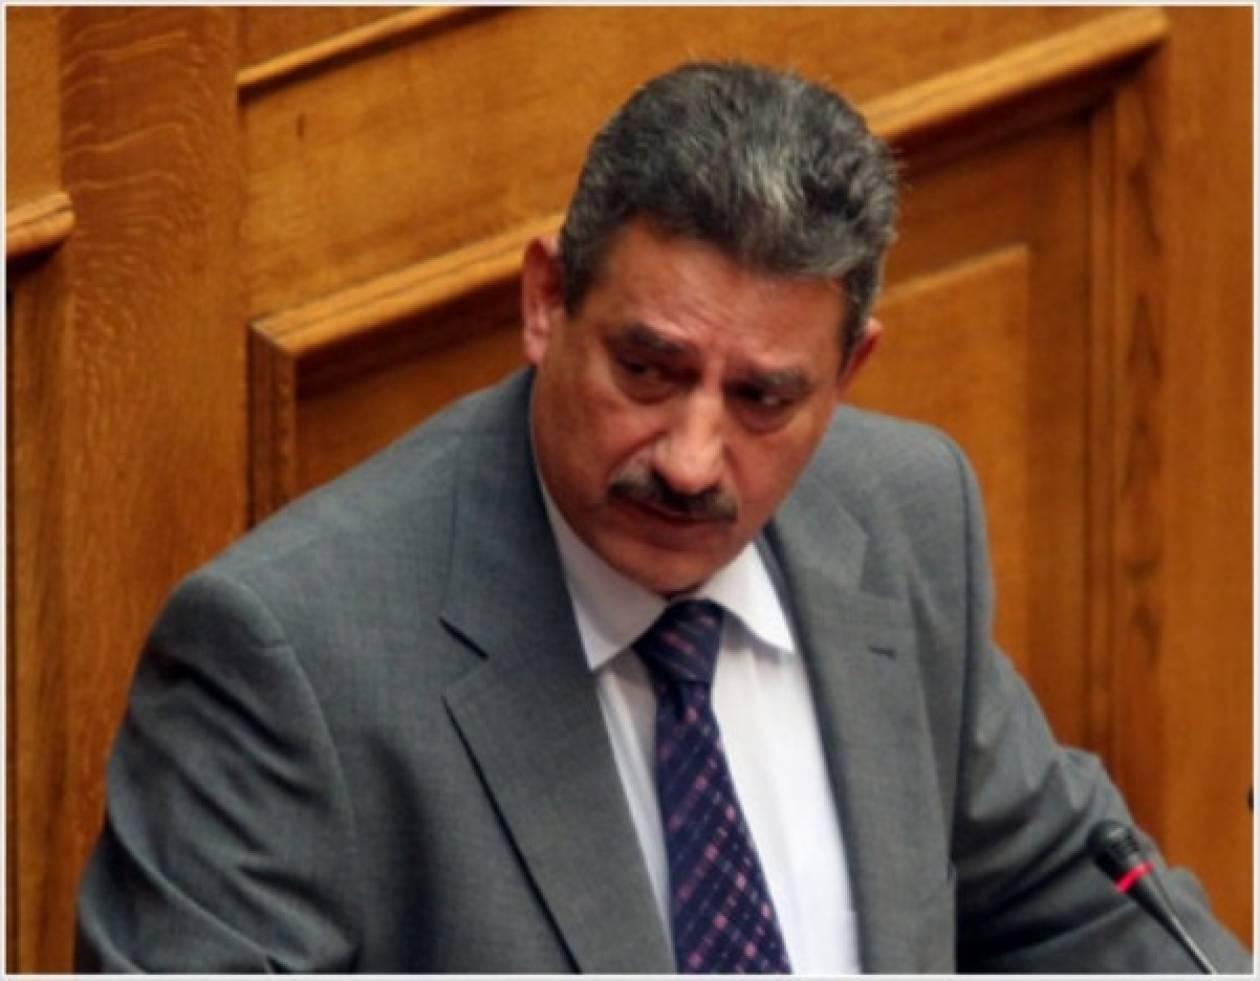 Παραιτήθηκε και επισήμως ο Γιάννης Κουράκος από τους ΑΝ.ΕΛ.